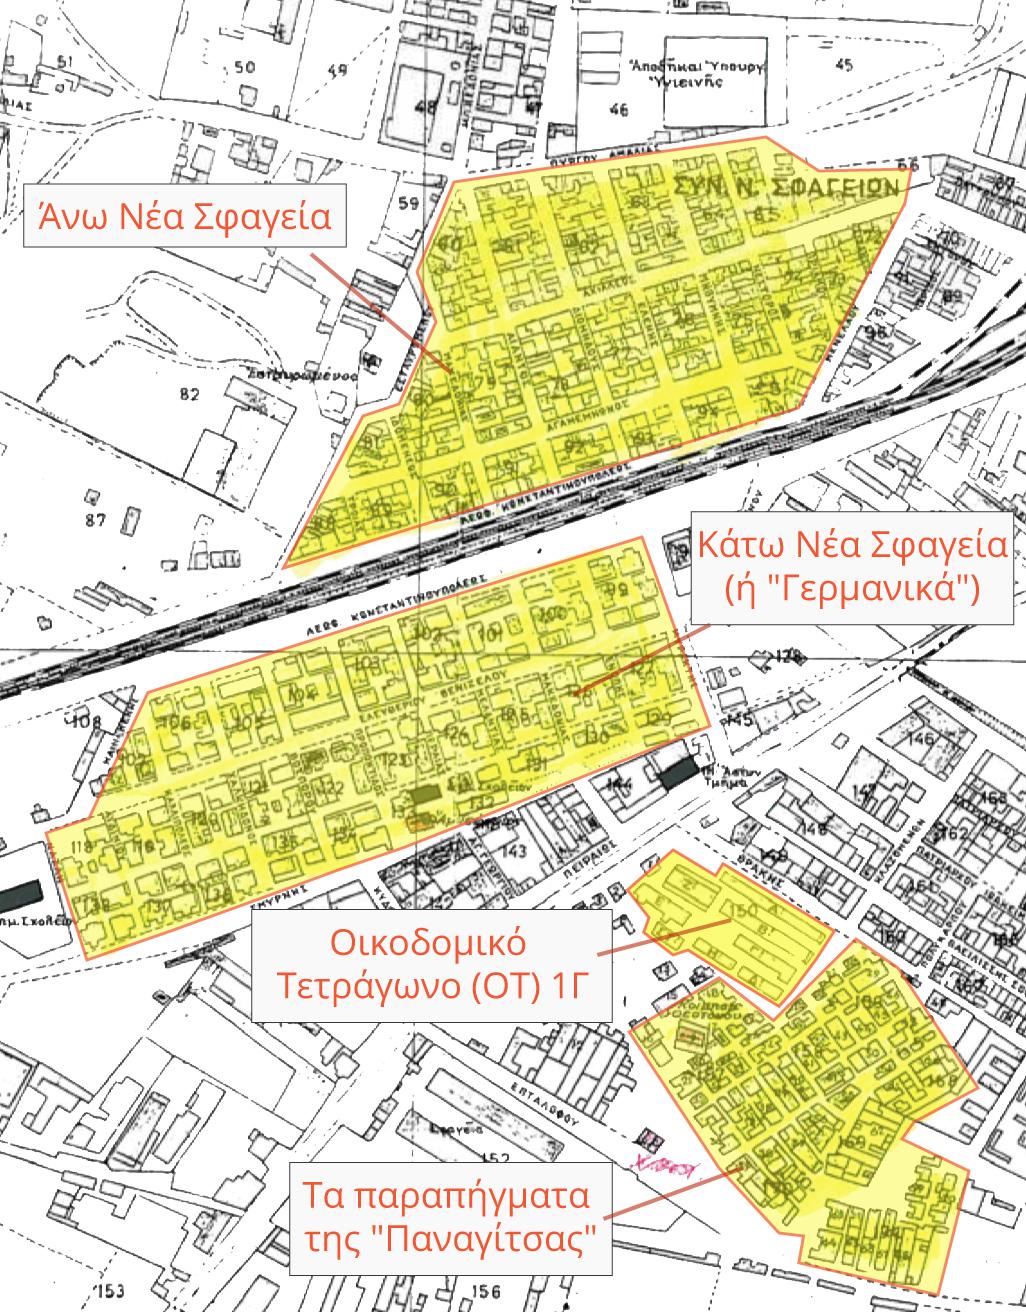 Εικόνα 1: Οι τέσσερις περιοχές εγκατάστασης των προσφύγων στον Ταύρο. Πηγή: Παπαδοπούλου, Σαρηγιάννης, 2006 και ιδία επεξεργασία